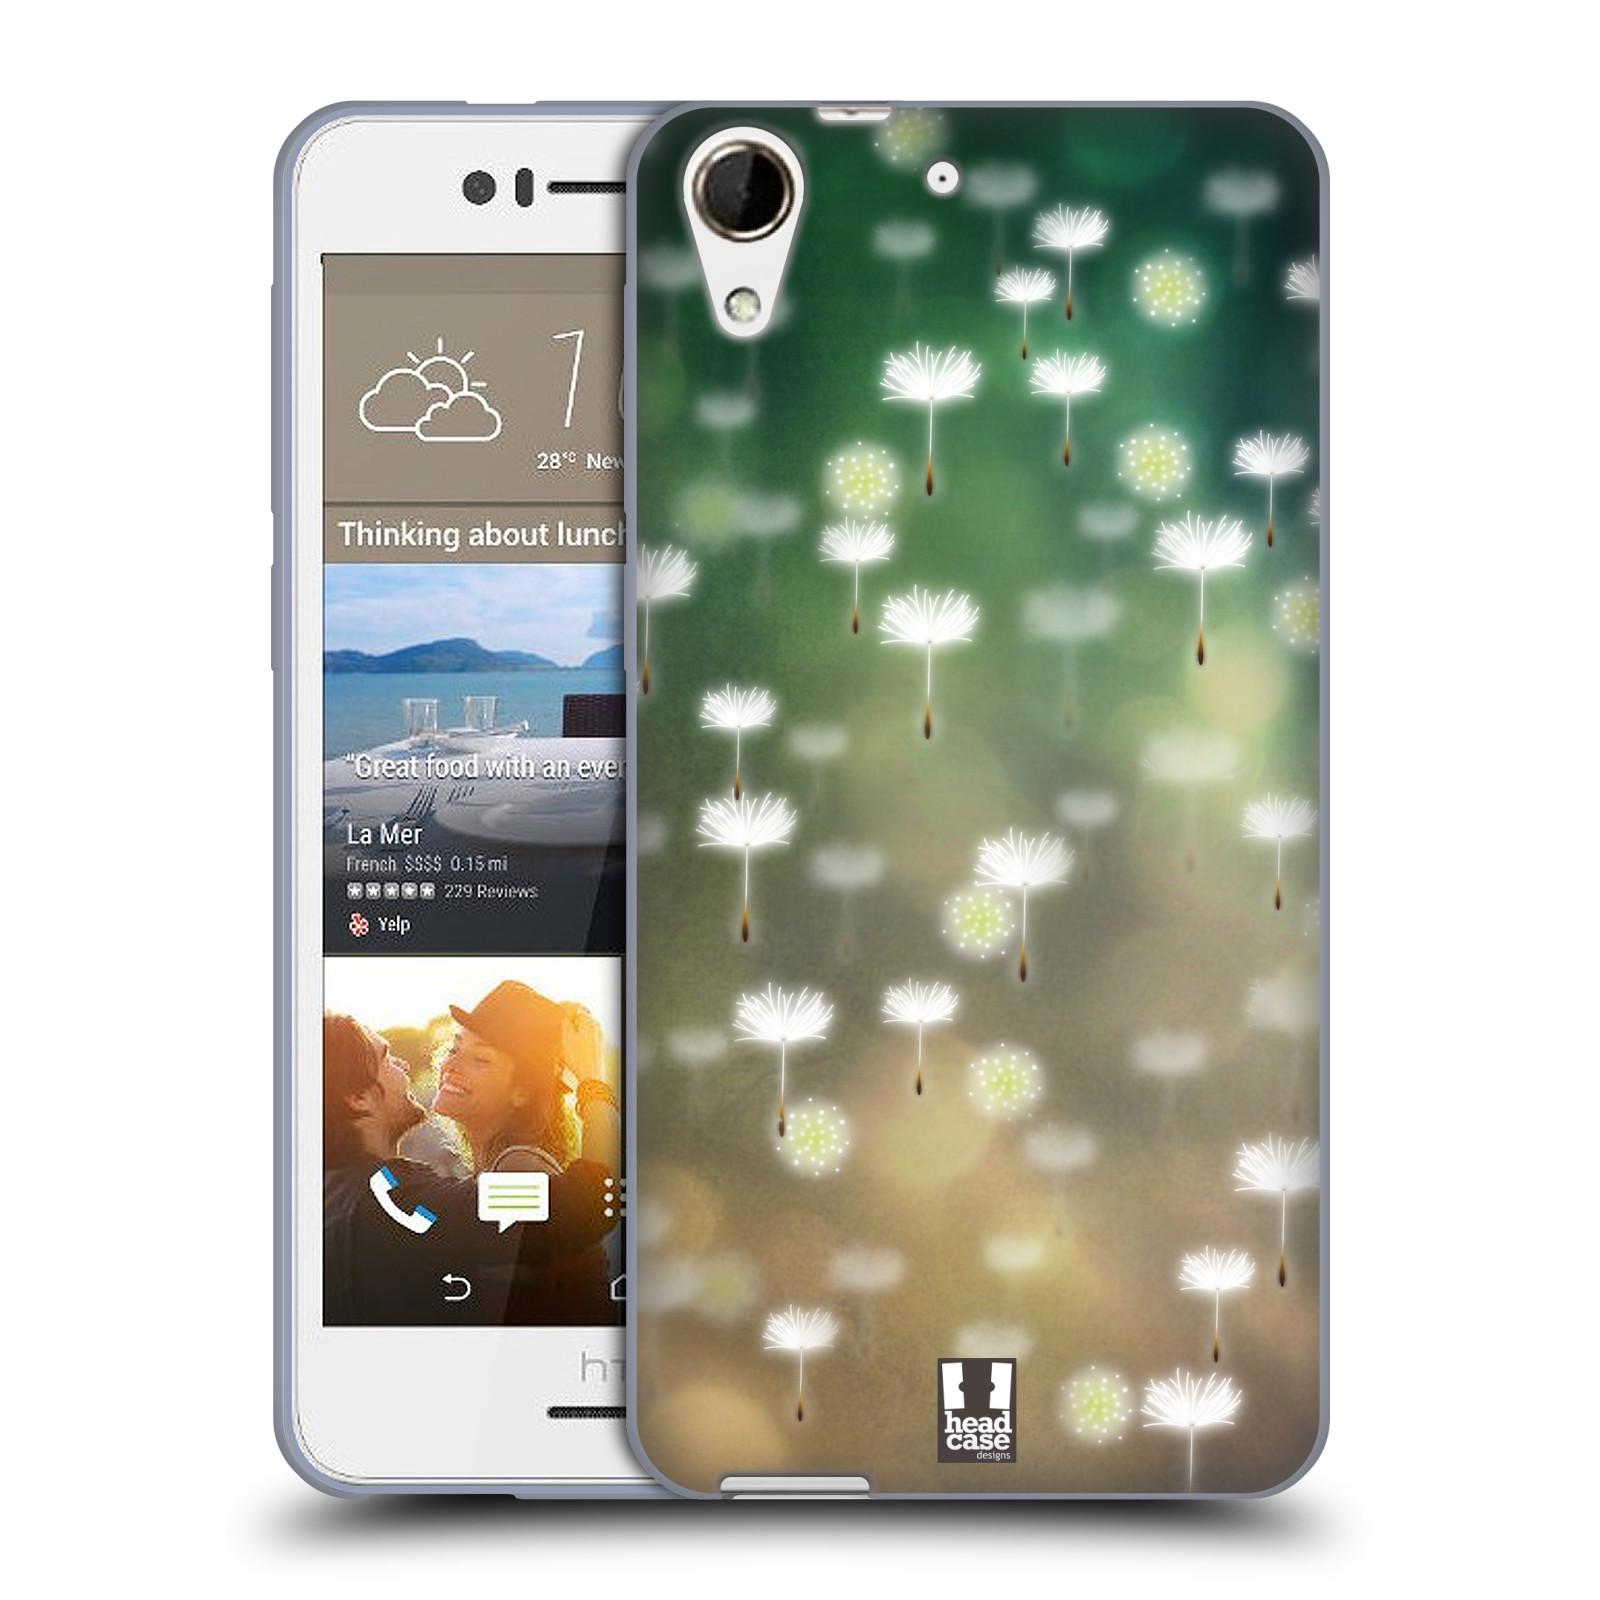 Silikonové pouzdro na mobil HTC Desire 728G Dual SIM HEAD CASE Pampeliškové padáčky (Silikonový kryt či obal na mobilní telefon HTC Desire 728 G Dual SIM)